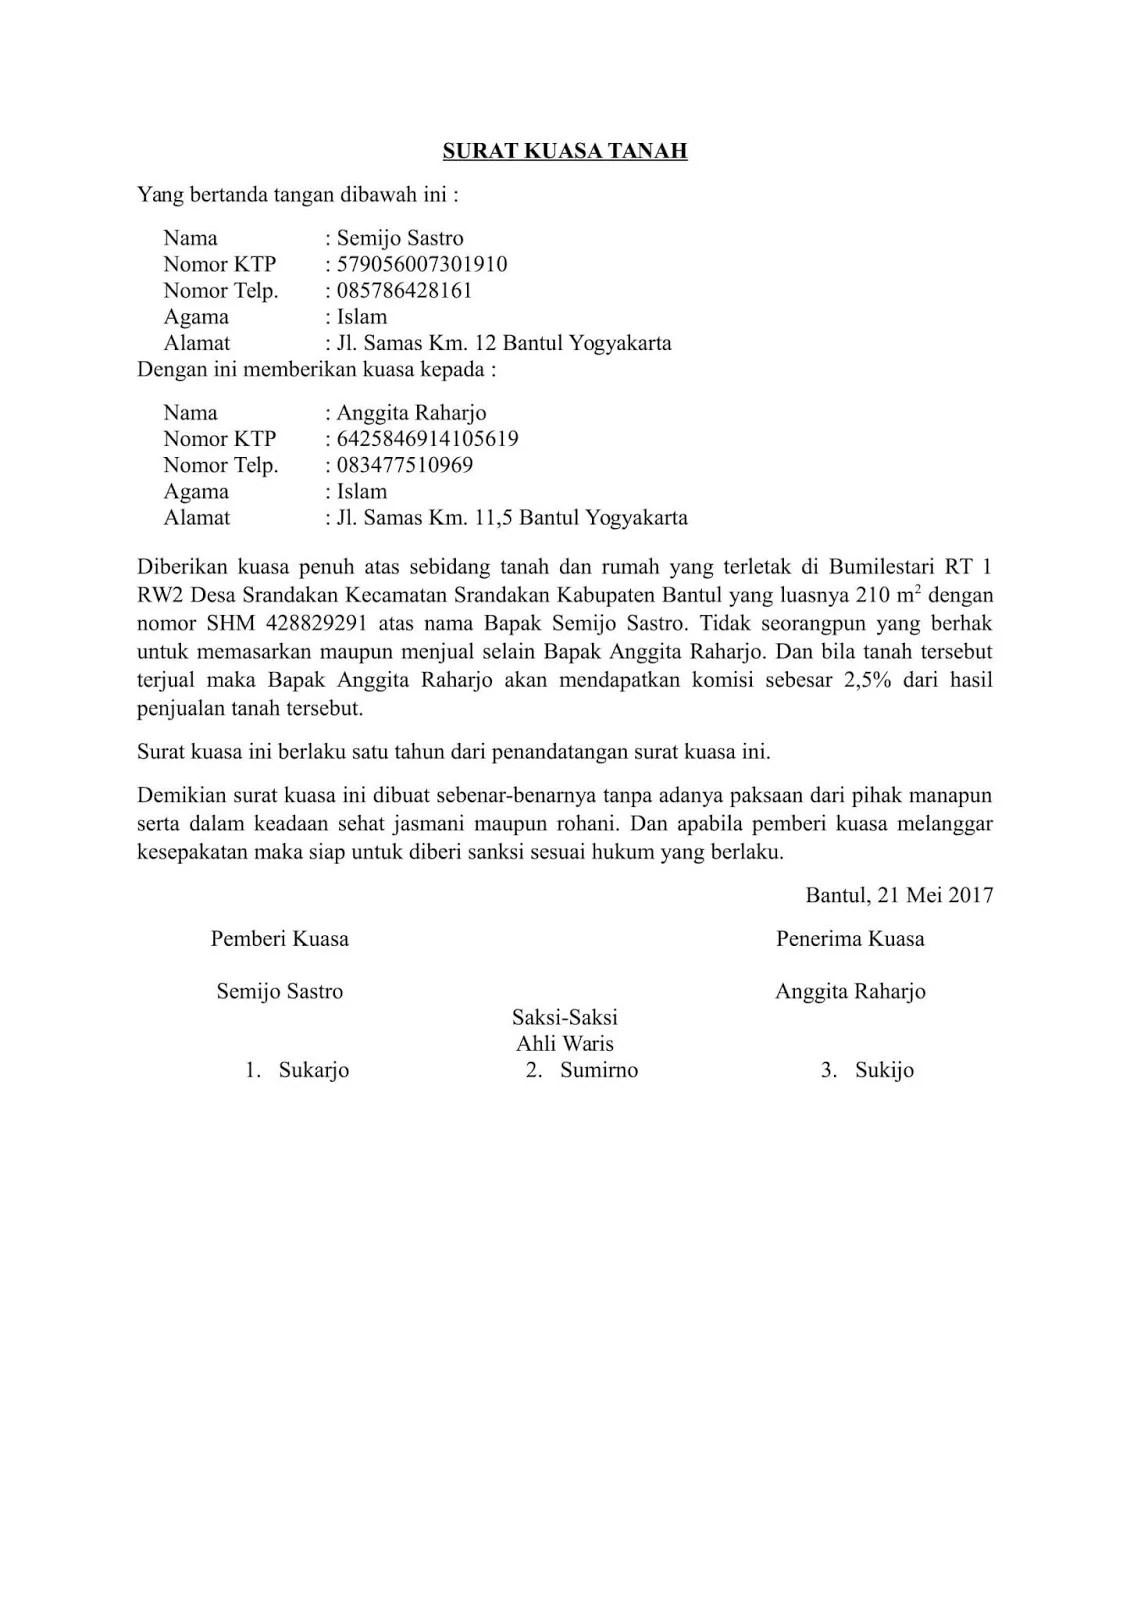 Contoh surat kuasa menjualkan tanah | detikLife